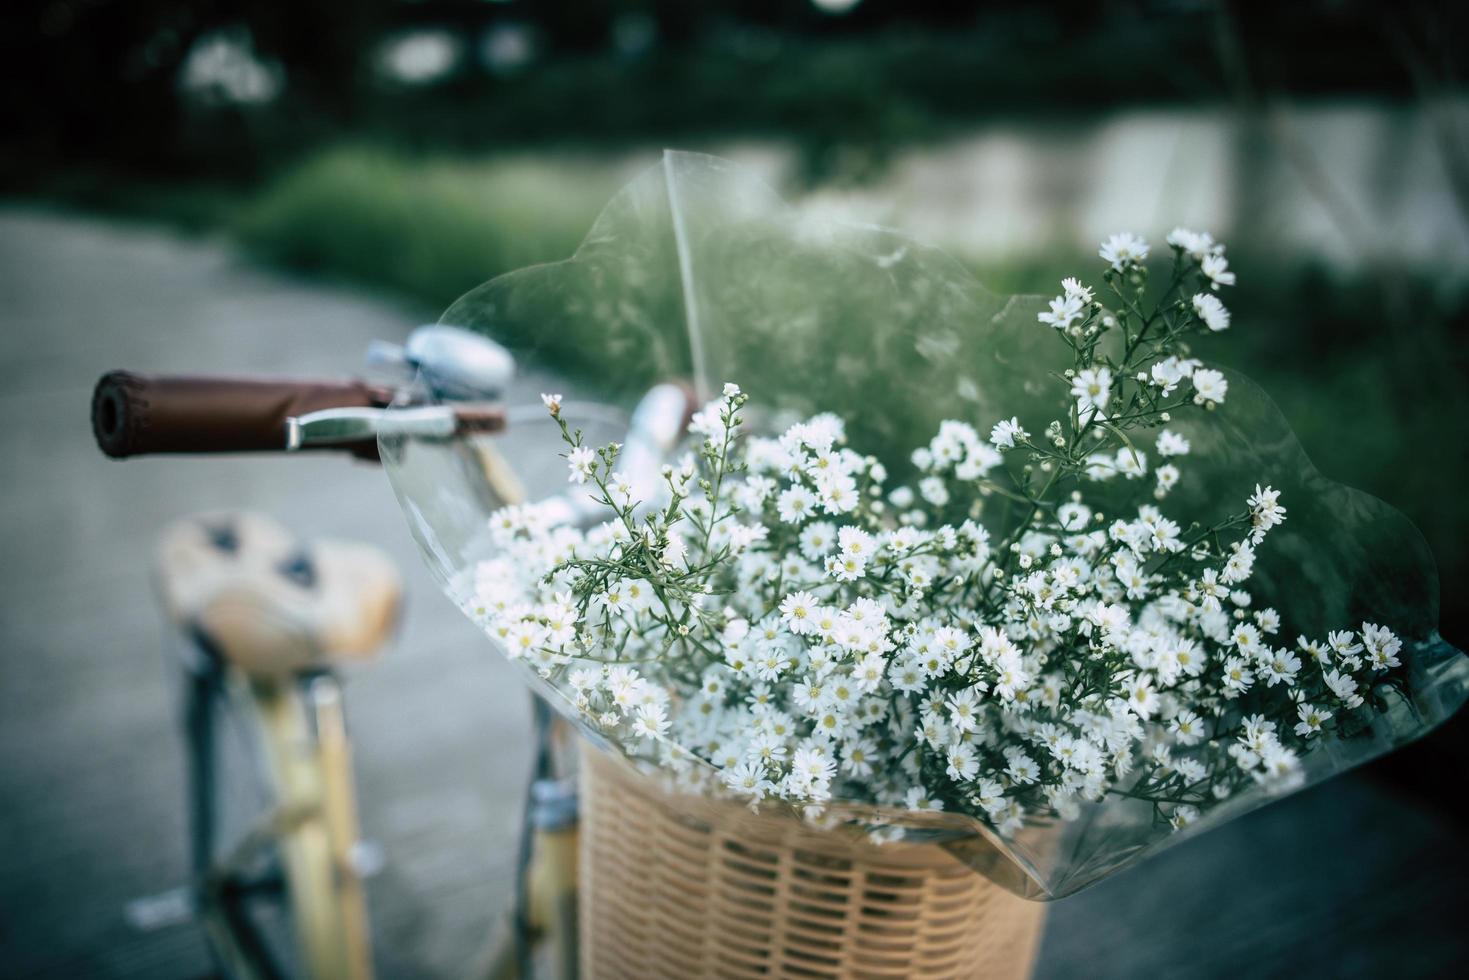 Bicicleta vintage con una canasta llena de flores silvestres foto